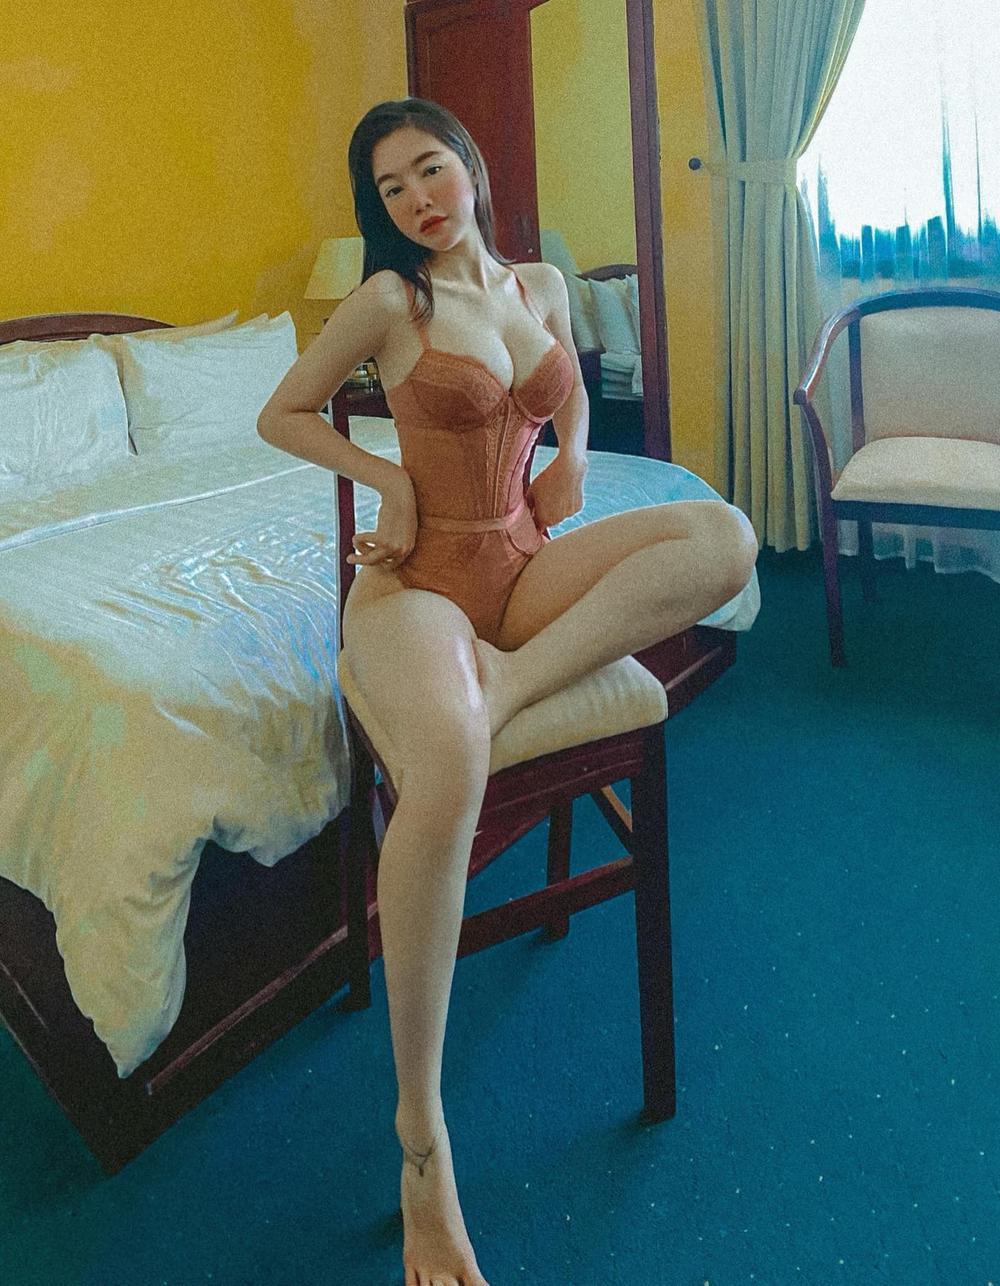 Elly Trần tiết lộ số đo vòng 1 khiêm tốn, phủ nhận danh xưng 'hot girl ngực khủng' lâu nay Ảnh 4